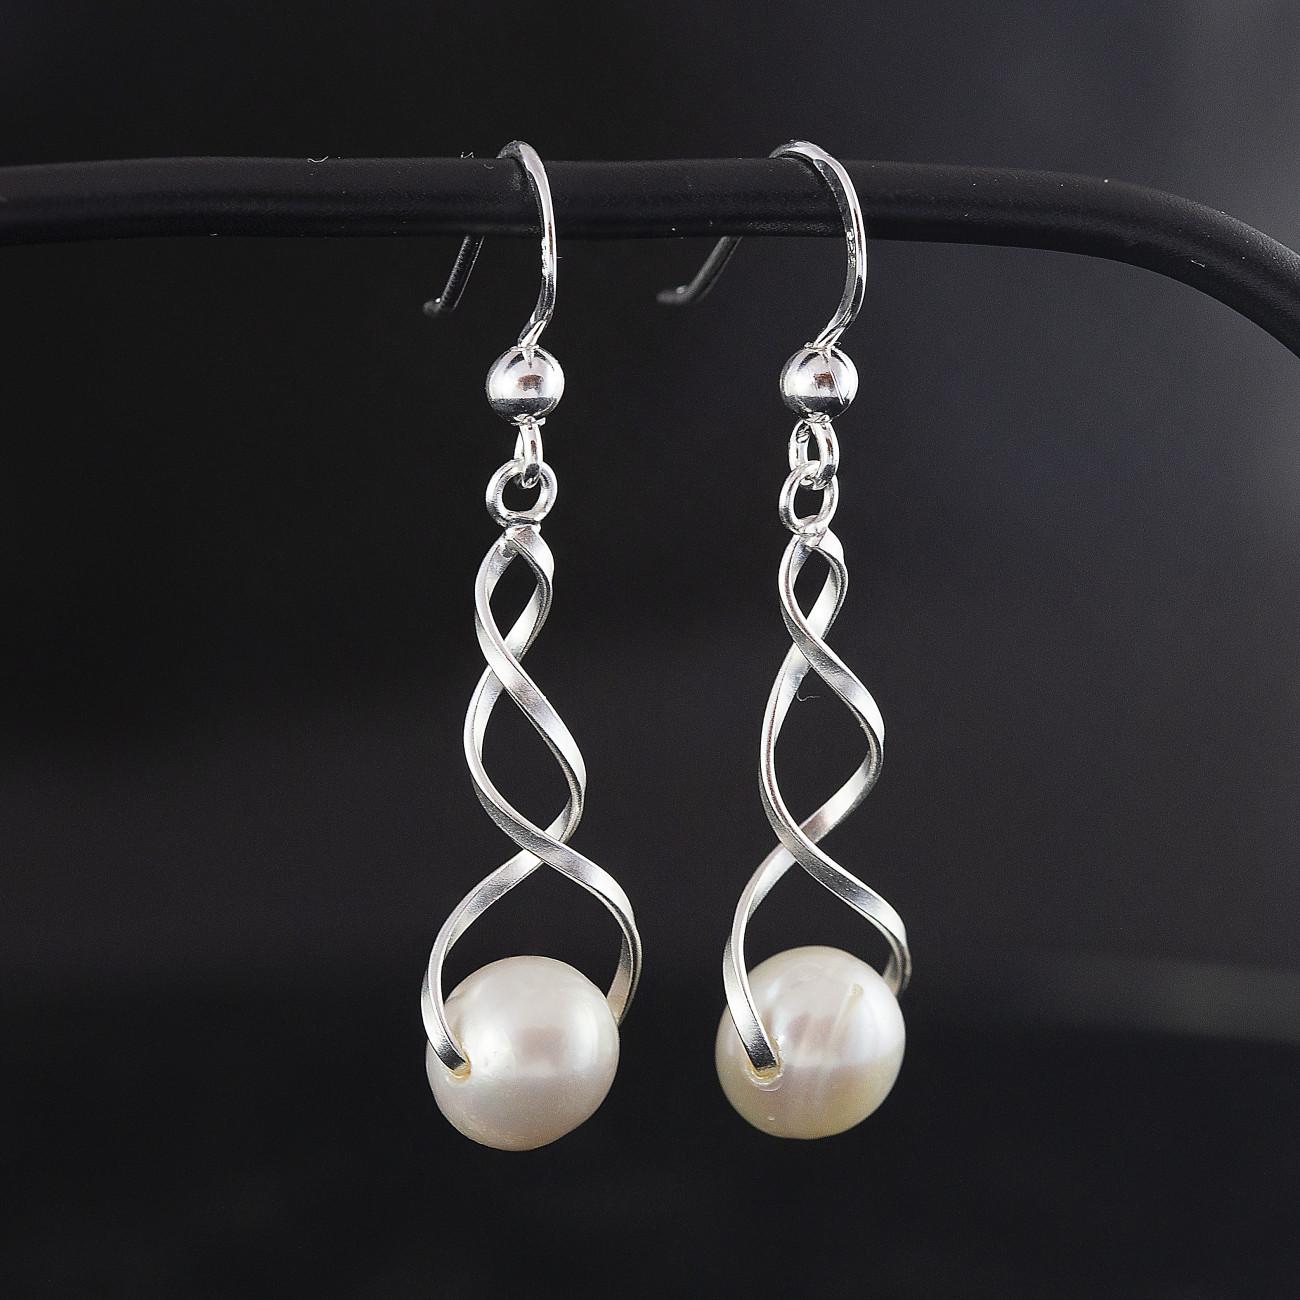 Stříbrné náušnice s perlou - visací spirála s pravou bílou perlou